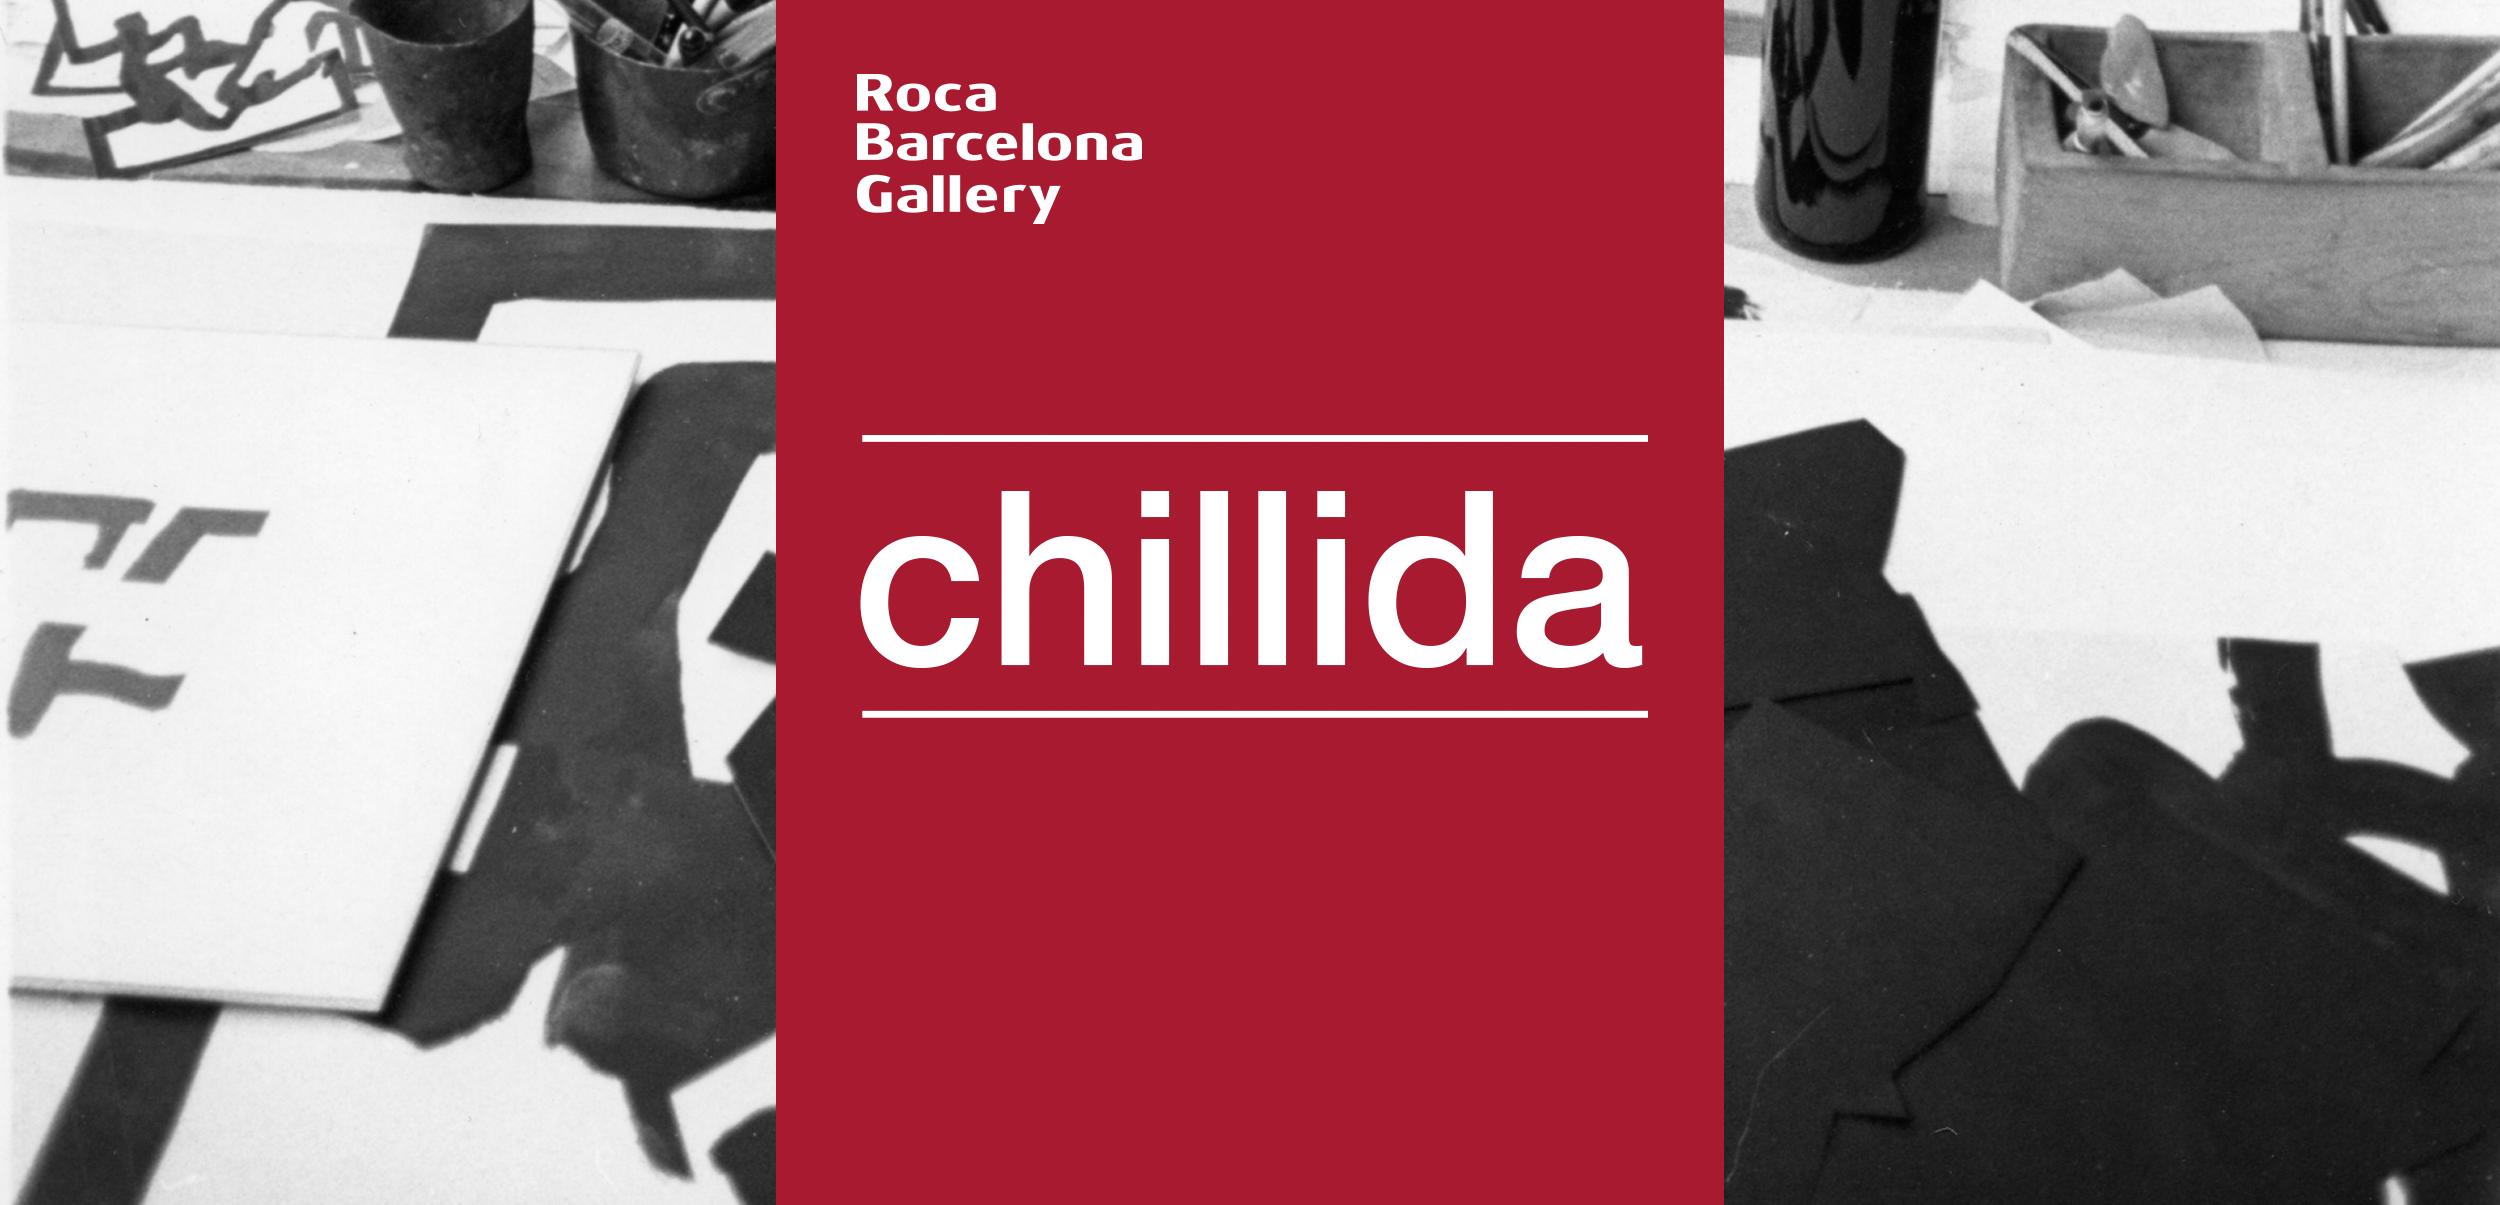 Diseño expositivo Chillida para Roca Barcelona Gallery